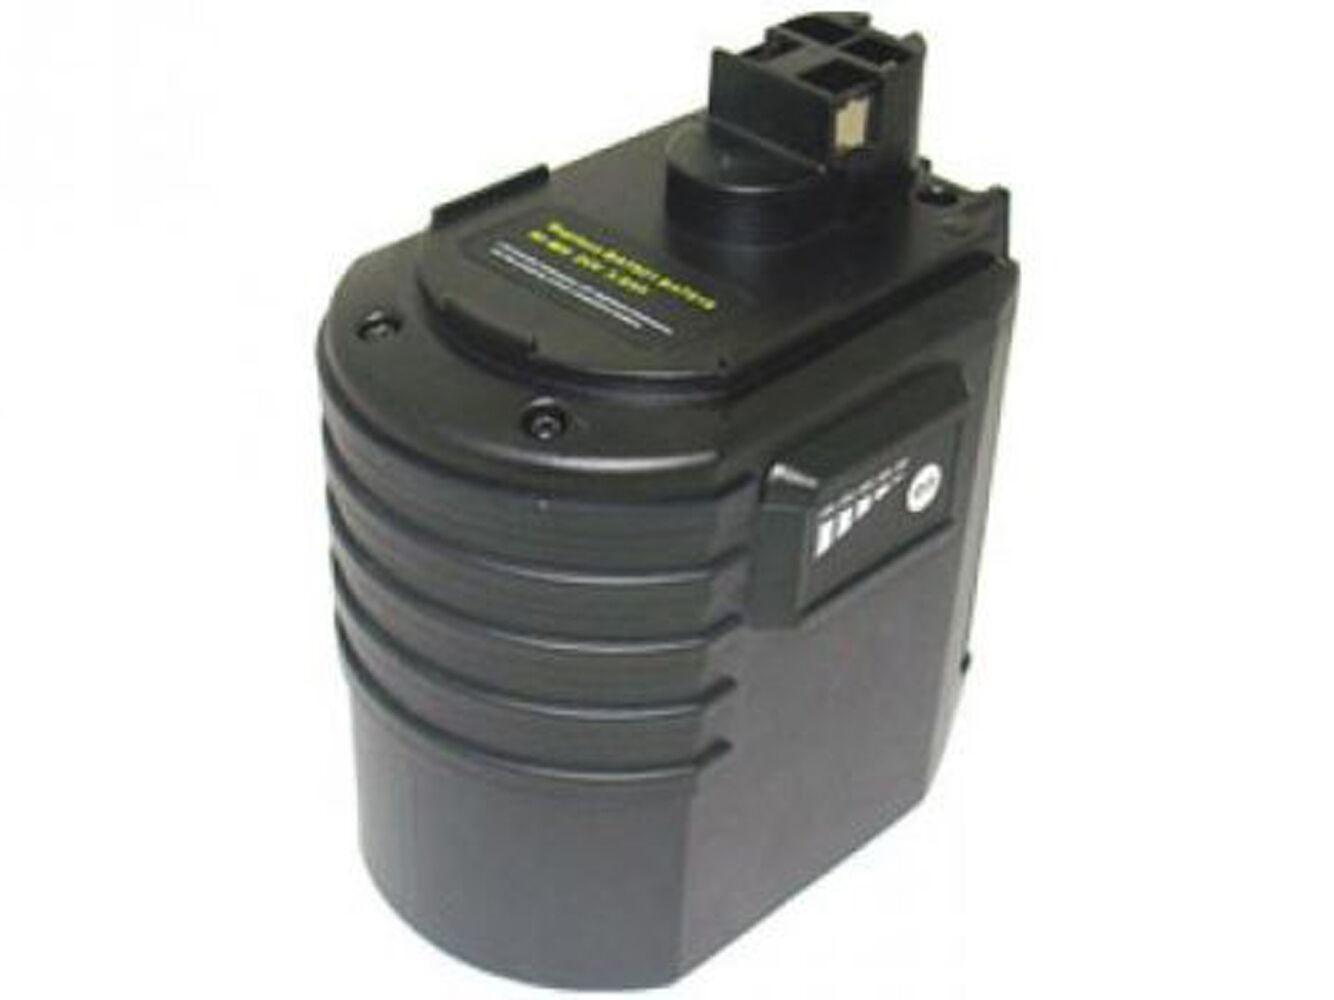 24V NiMH 3.0Ah Akku für Bosch GBH 24VFR, 2607335082, 2607335216, BAT019, BAT021